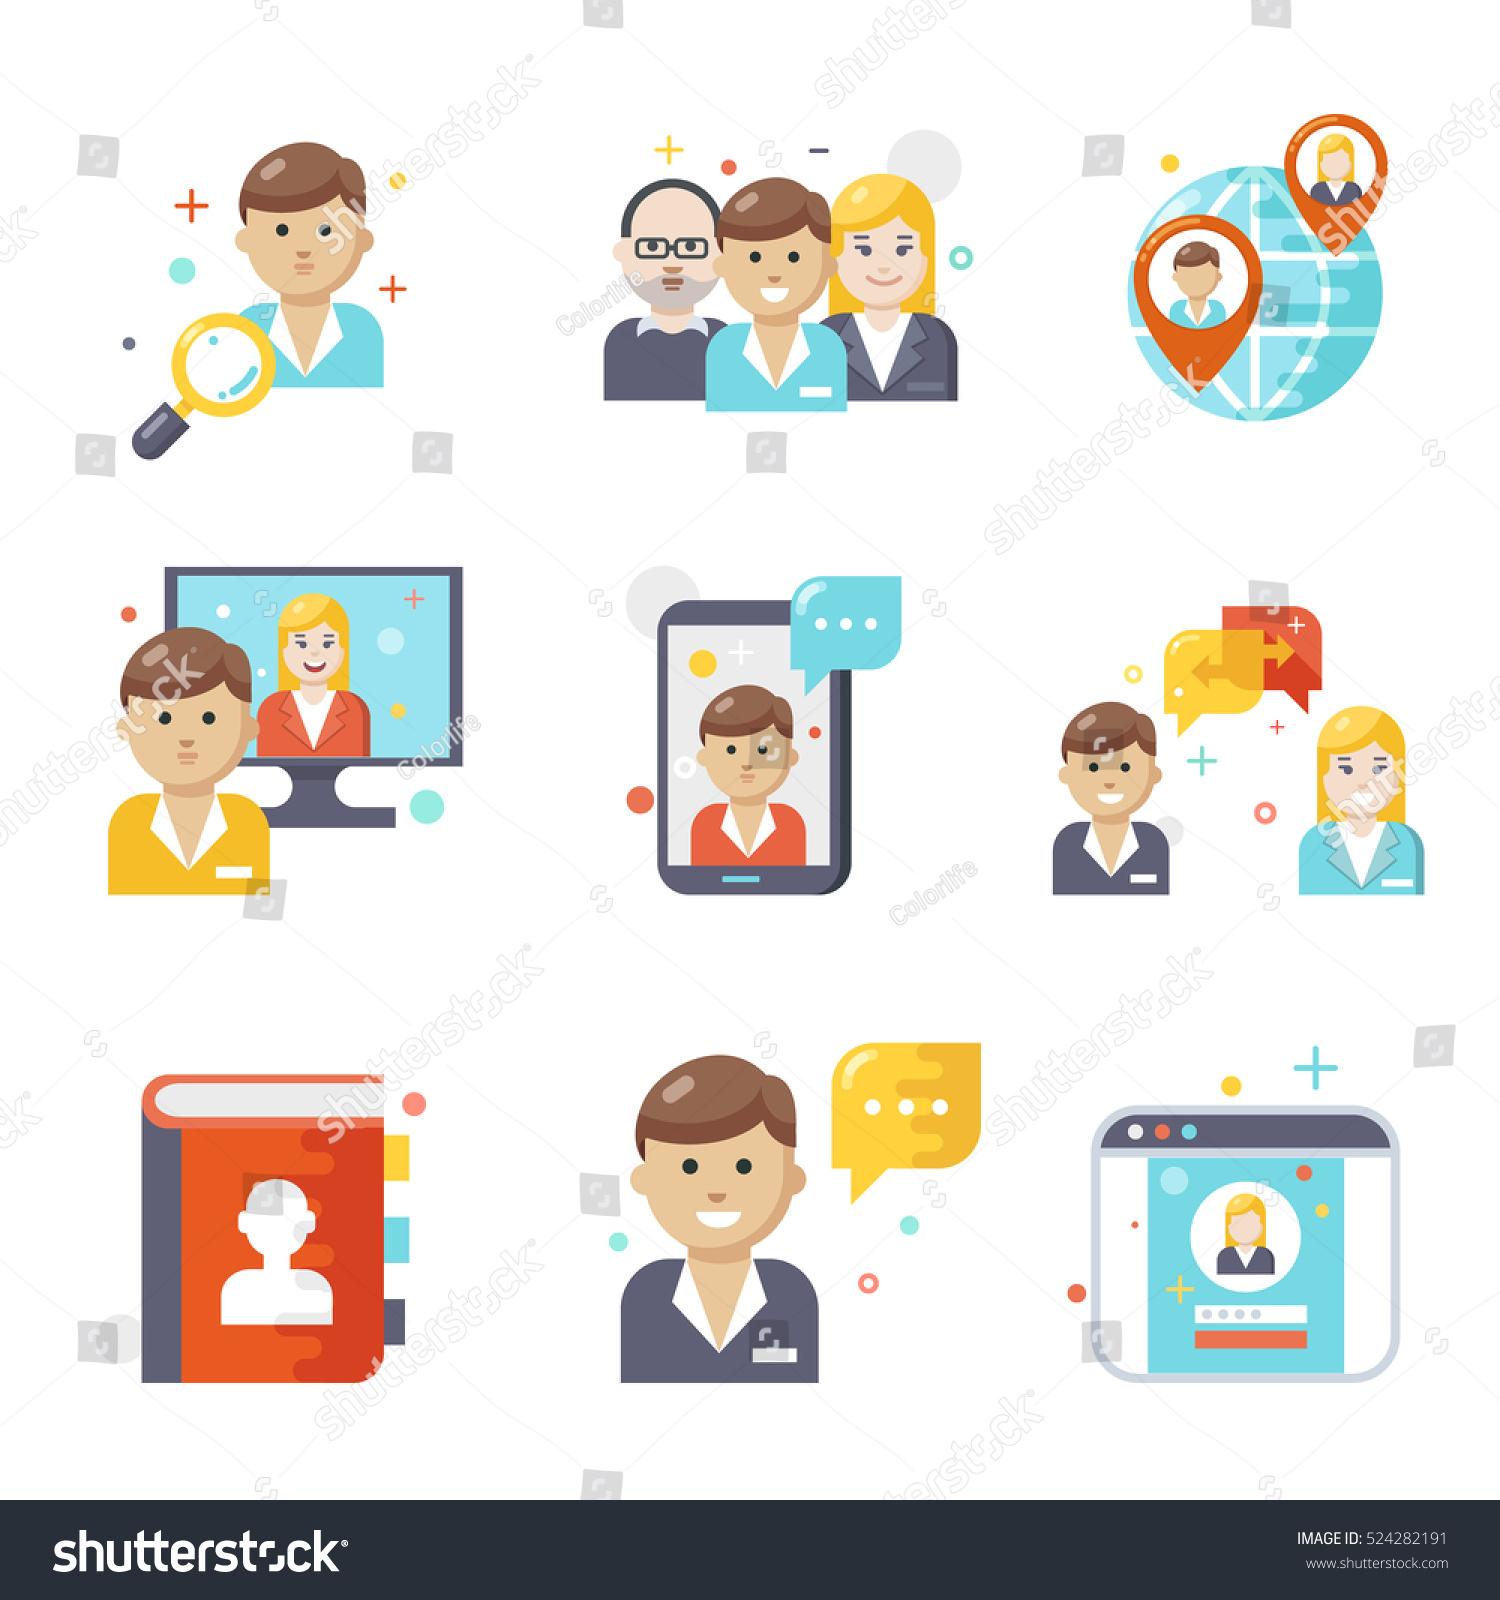 social media icons flat design stock vector illustration